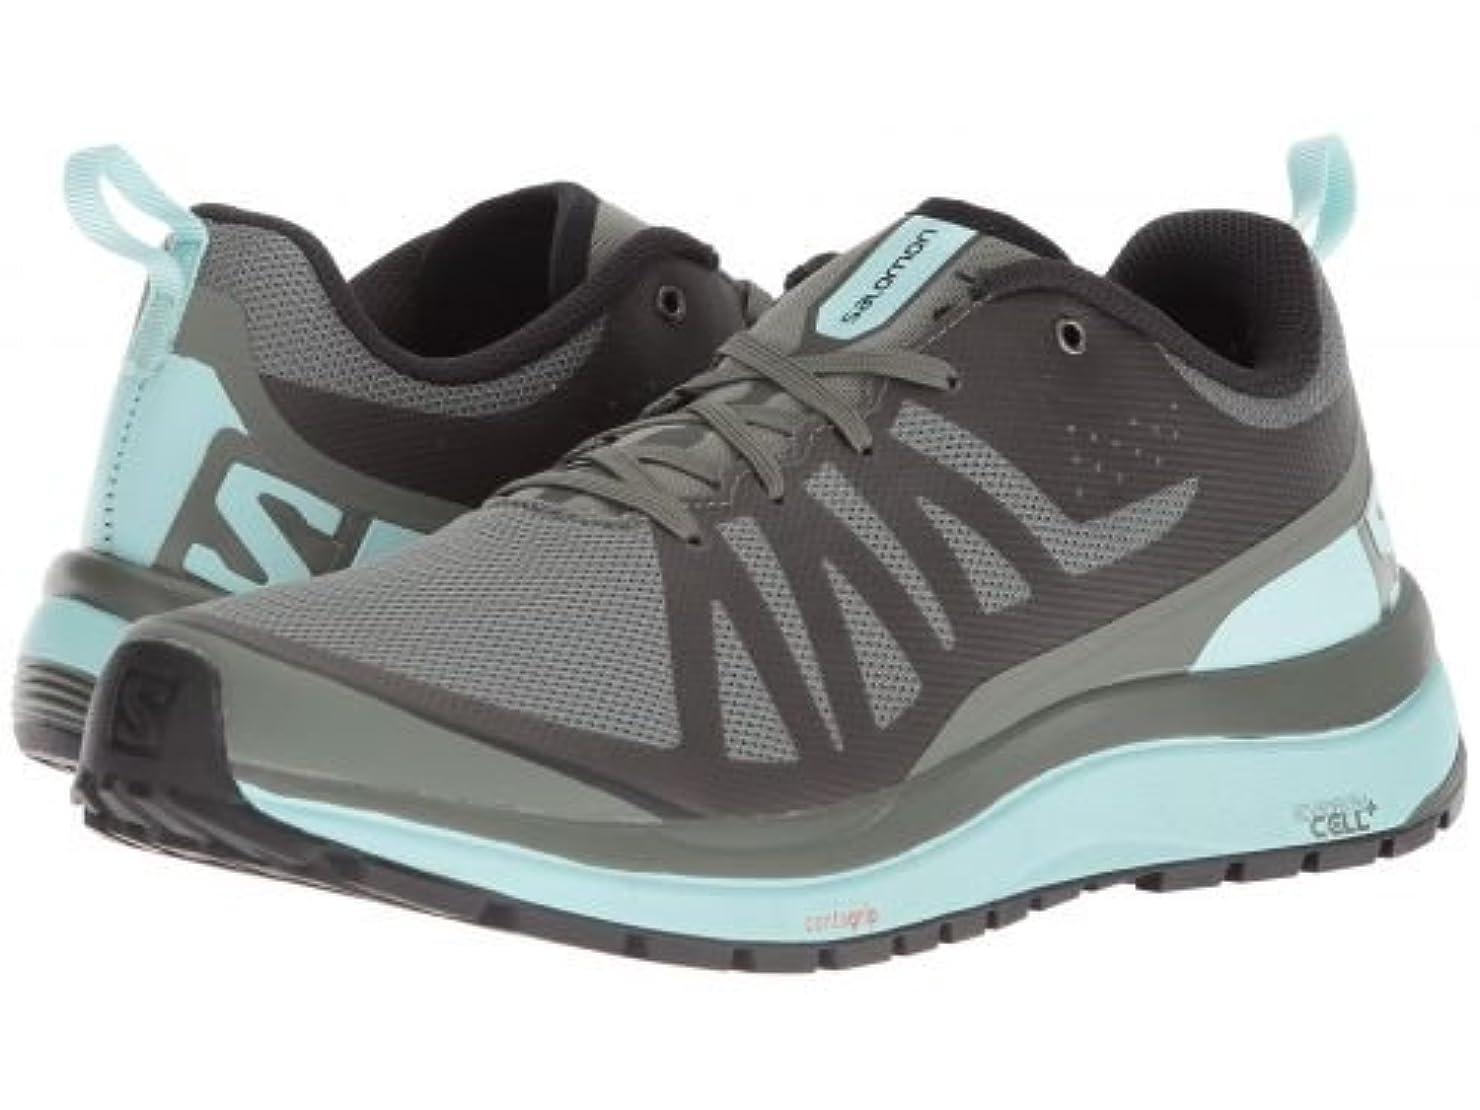 殺す艶隣接Salomon(サロモン) レディース 女性用 シューズ 靴 スニーカー 運動靴 Odyssey Pro - Castor Gray/Eggshell Blue/Black 8.5 B - Medium [並行輸入品]